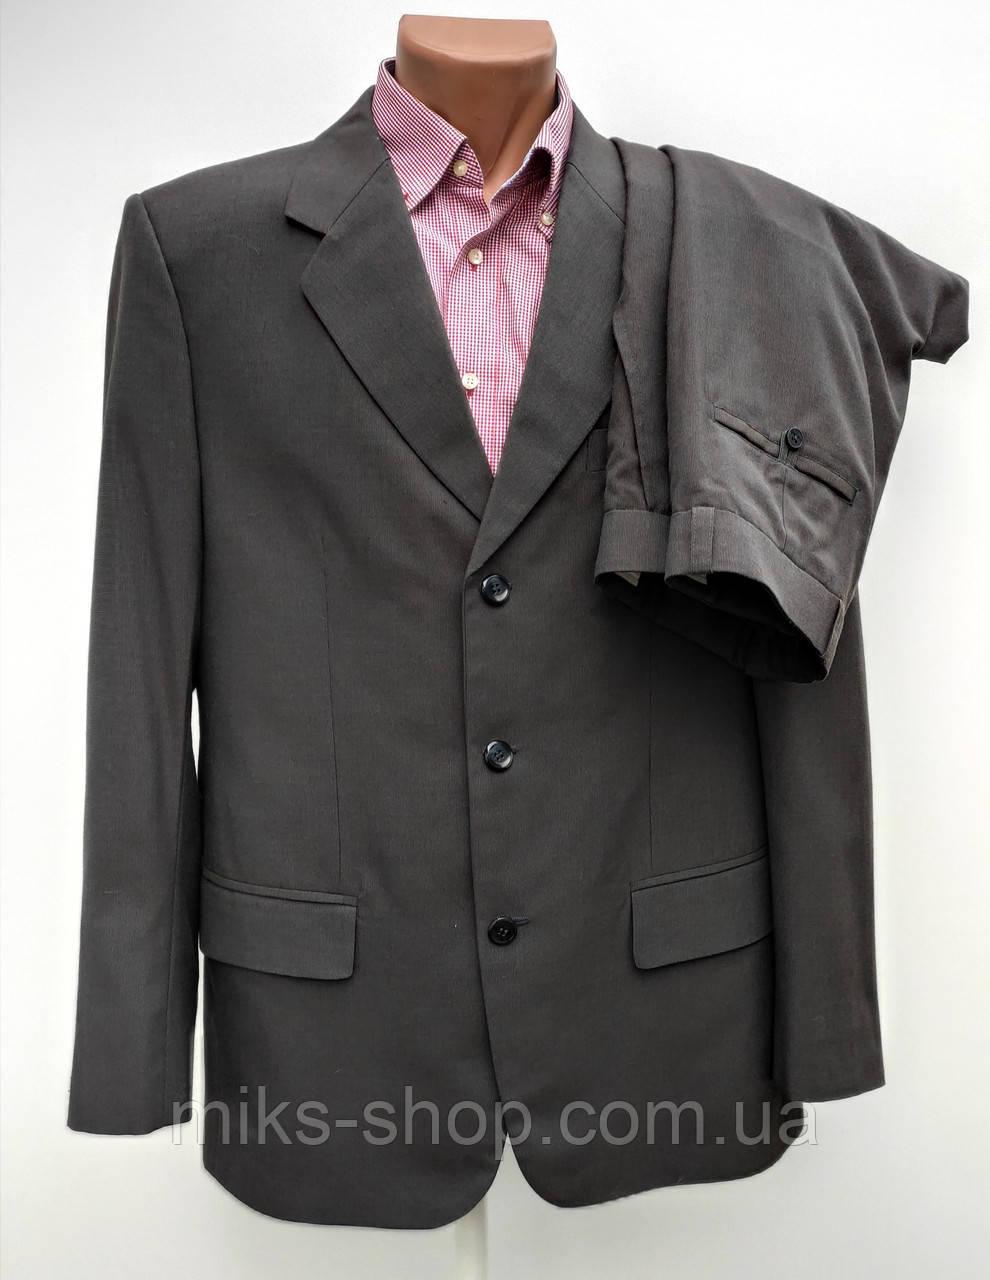 Діловий костюм тройка Розмір 48 ( 13)